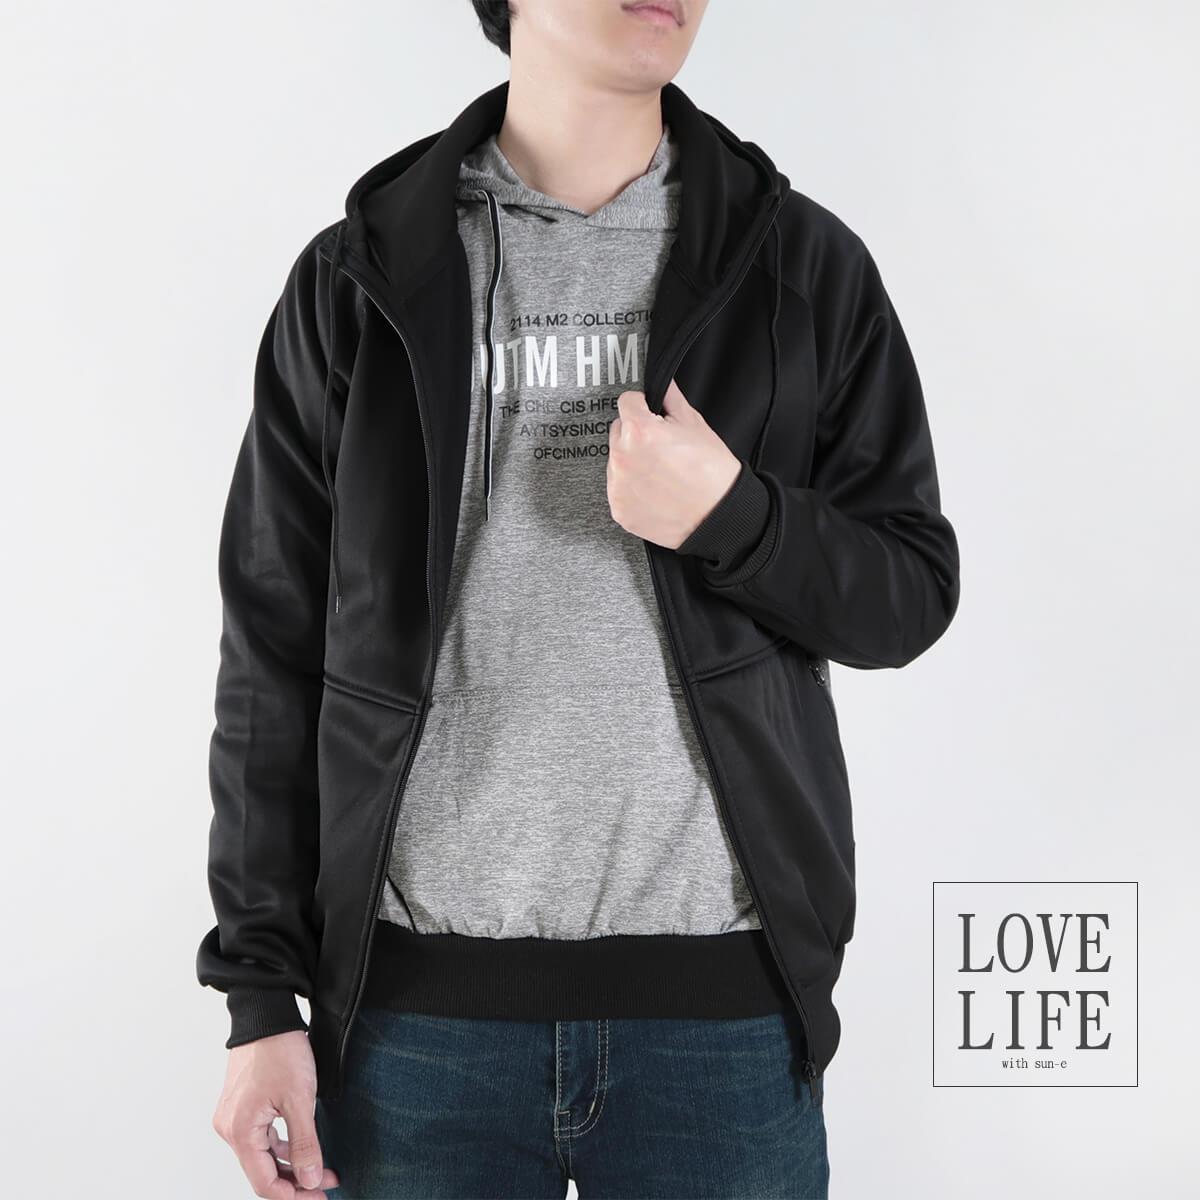 內刷毛連帽保暖外套 夾克外套 運動外套 休閒連帽外套 刷毛外套 黑色外套 時尚穿搭 WARM FLEECE LINED JACKETS (321-8916-01)淺灰色、(321-8916-02)深灰色、(321-8916-03)黑色 L XL 2L(胸圍46~50英吋) [實體店面保障] sun-e 9